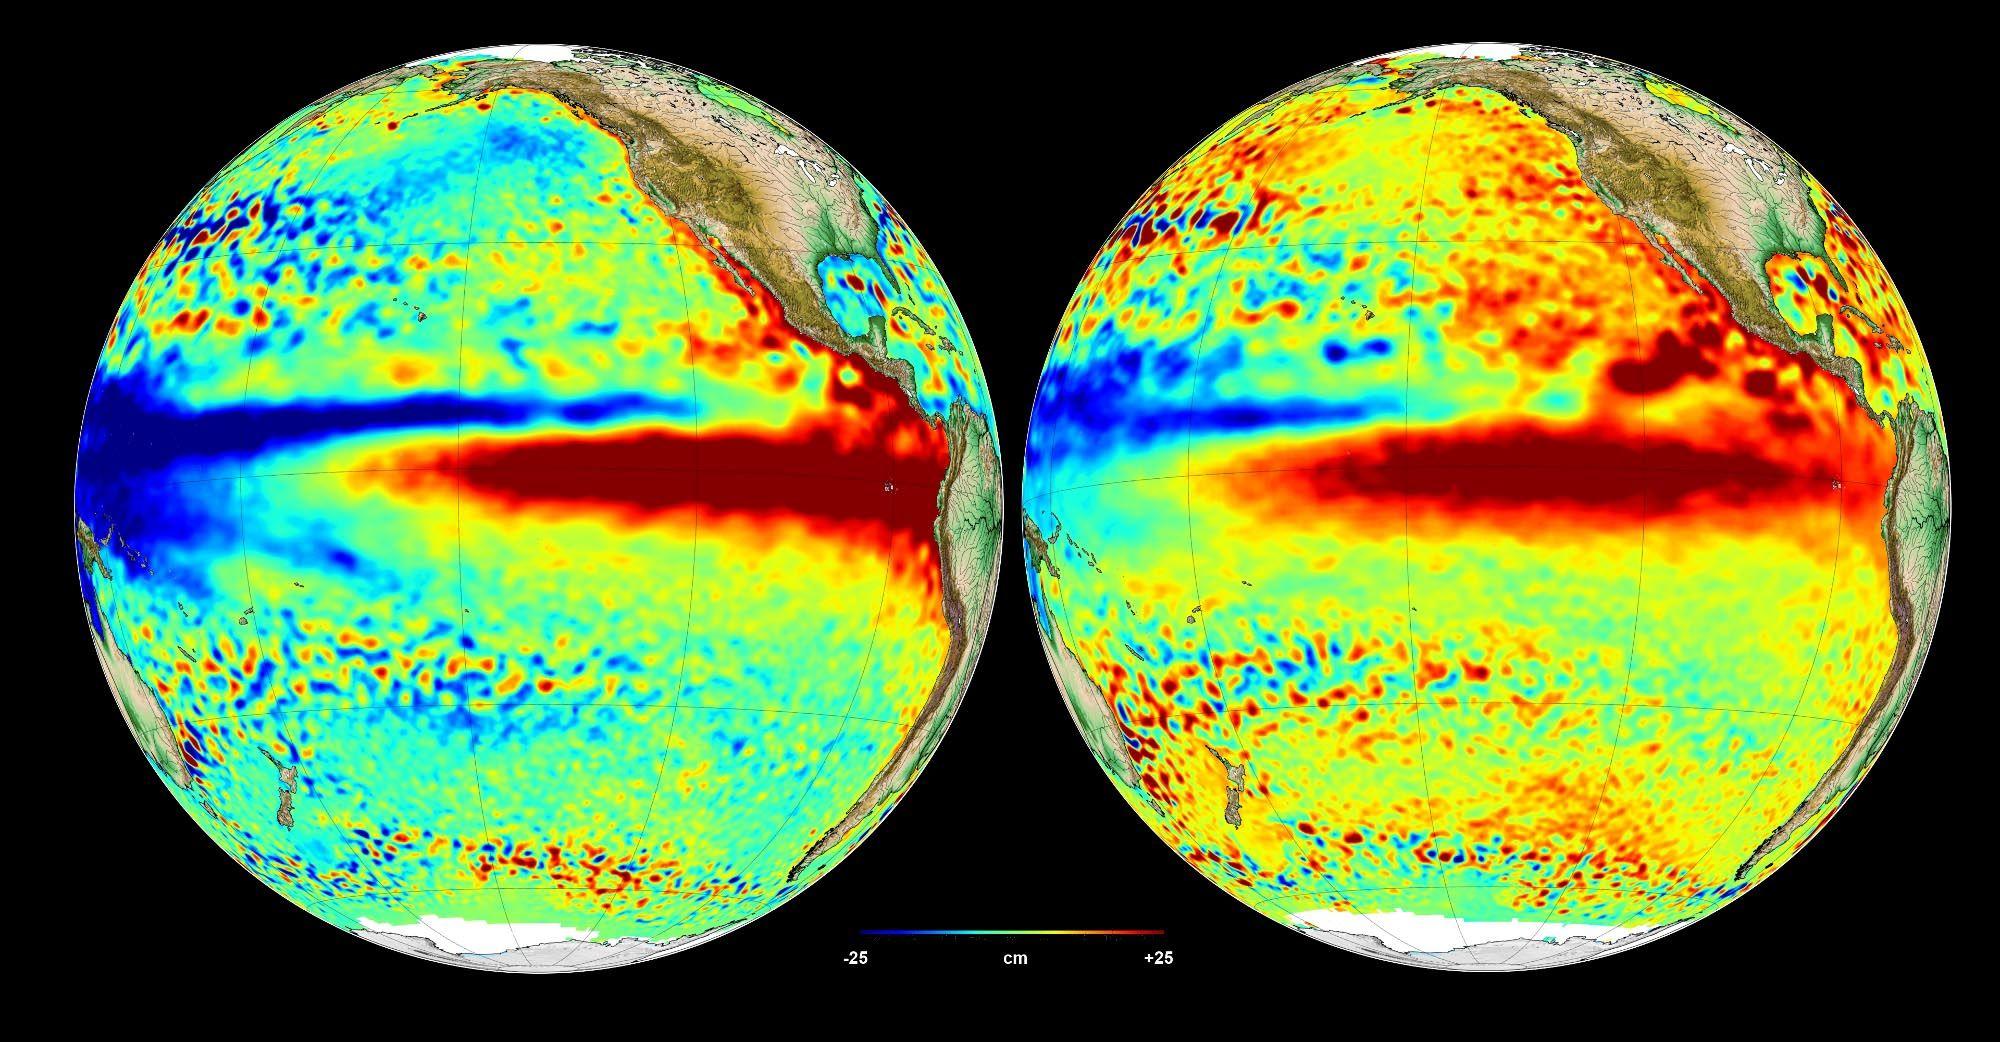 Метеорологи пообещали новую волну потепления к концу 2018 года